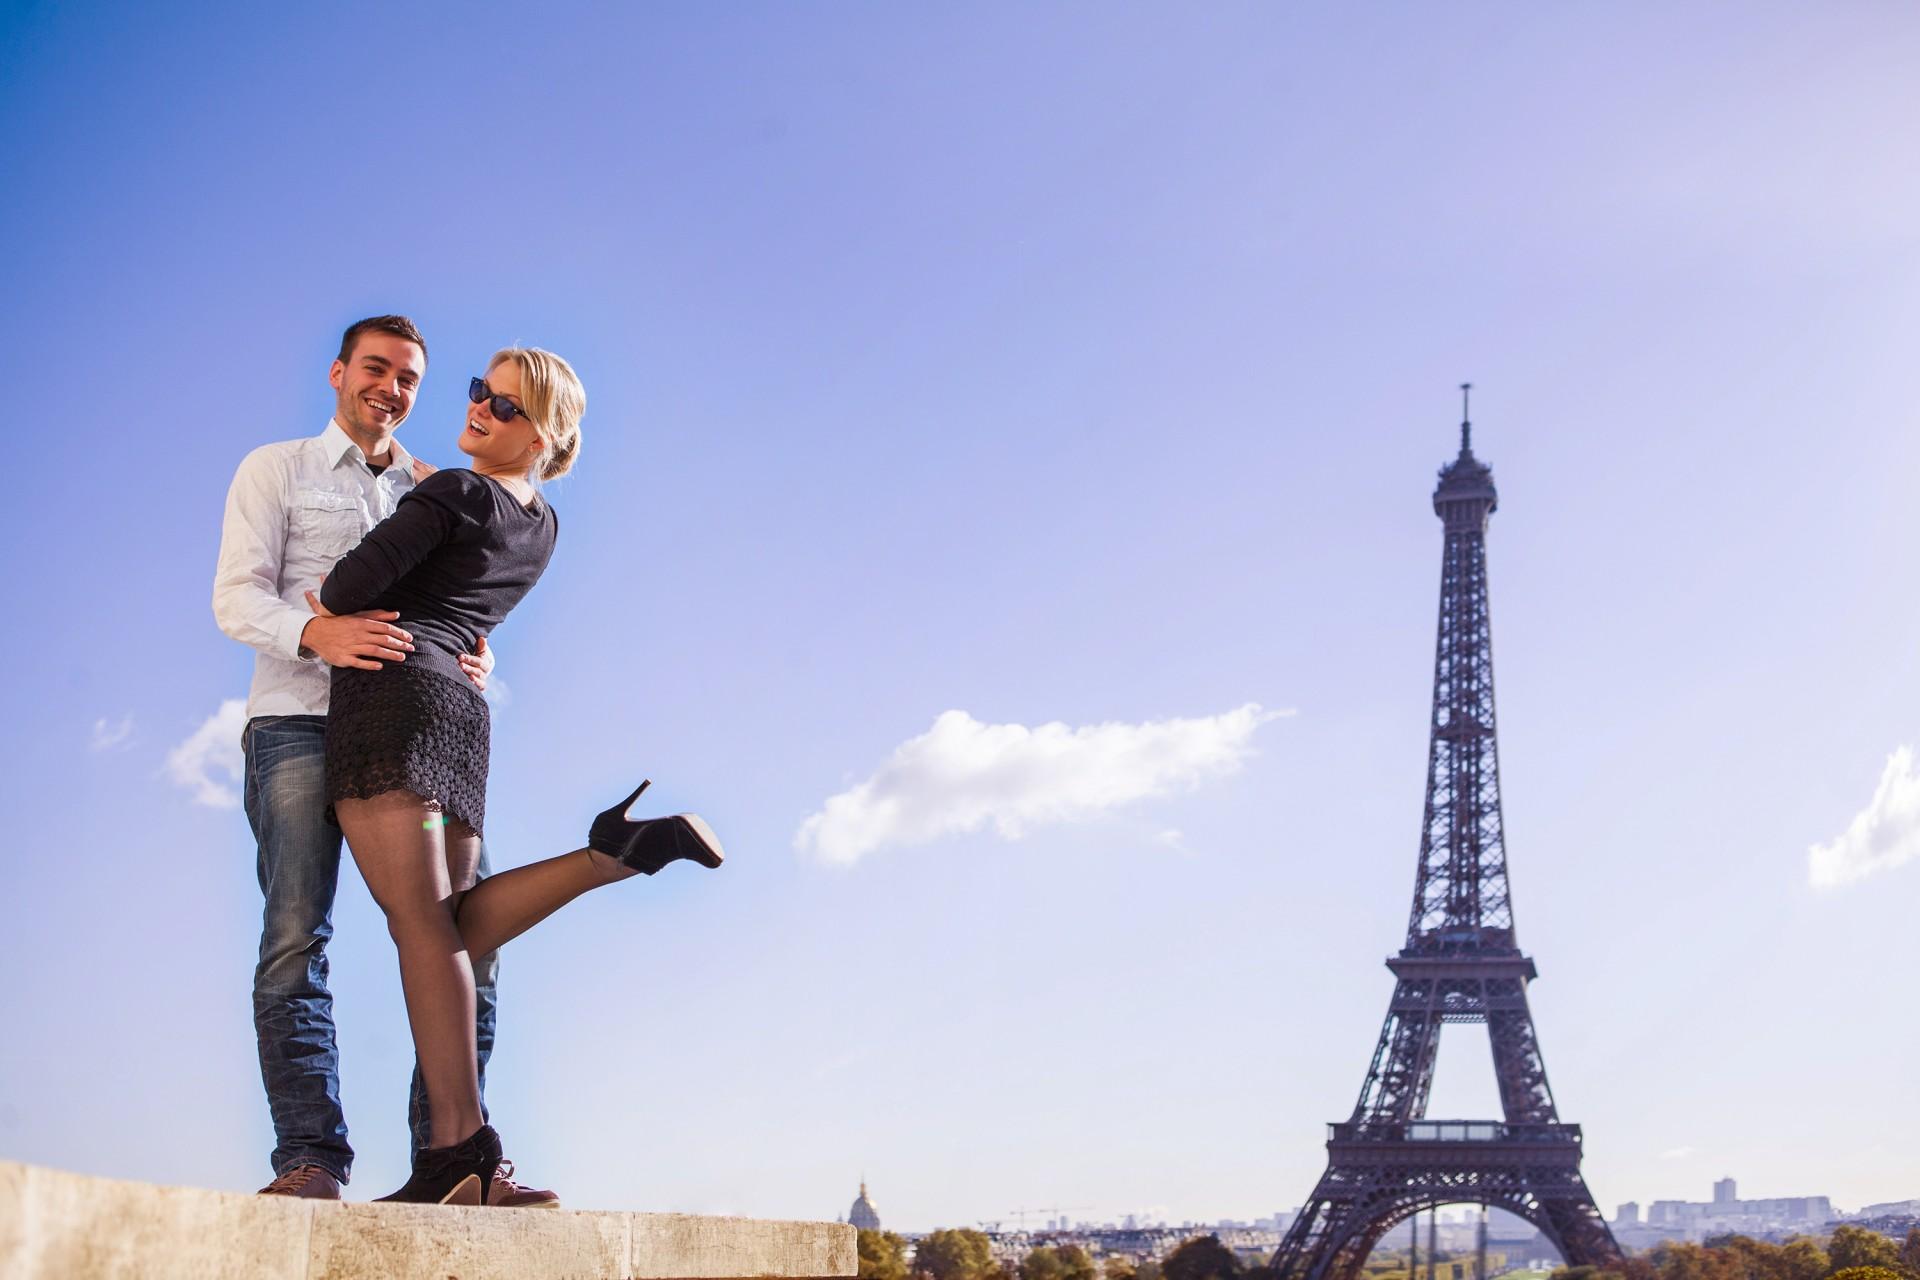 Fun Fotoshooting mit Fotograf in Paris